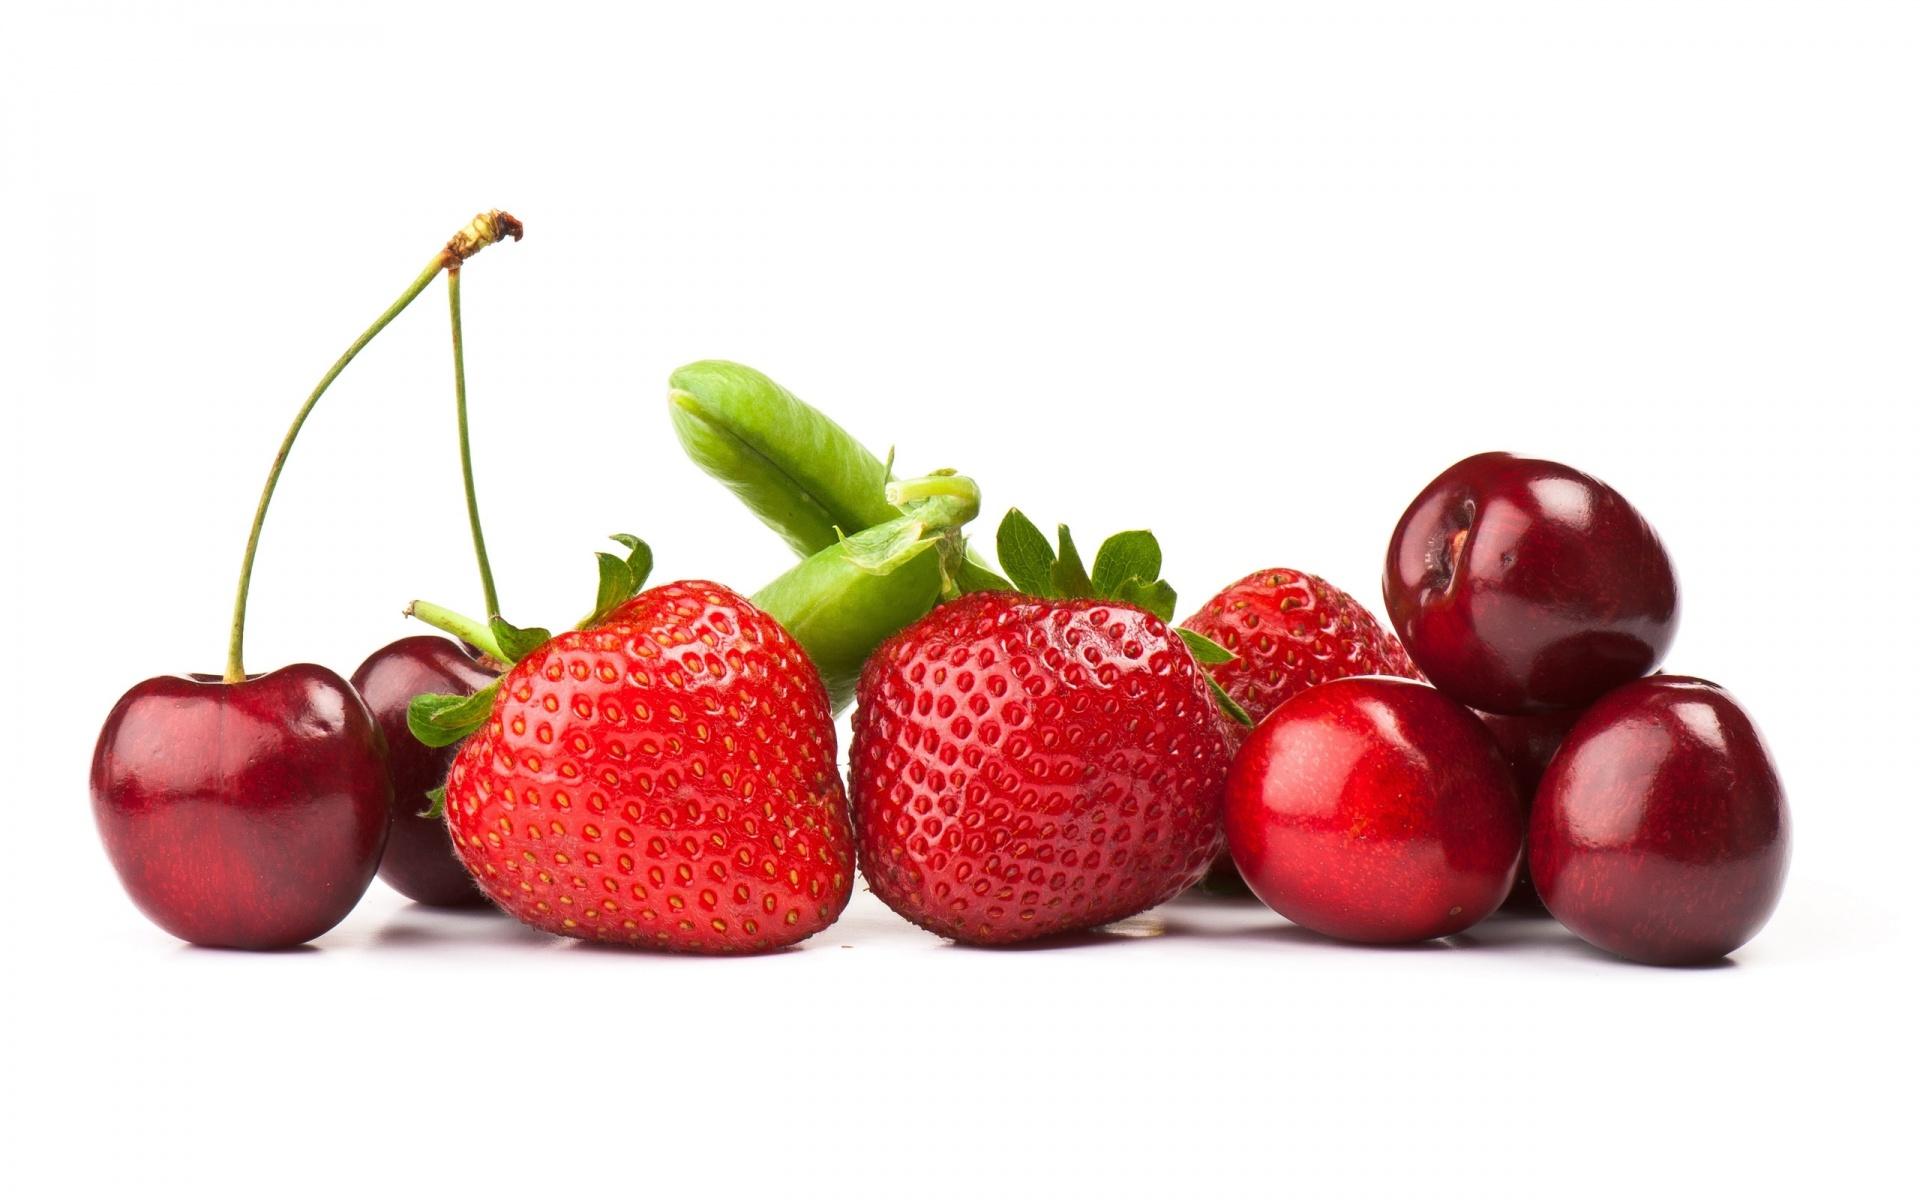 Strawberries cherries